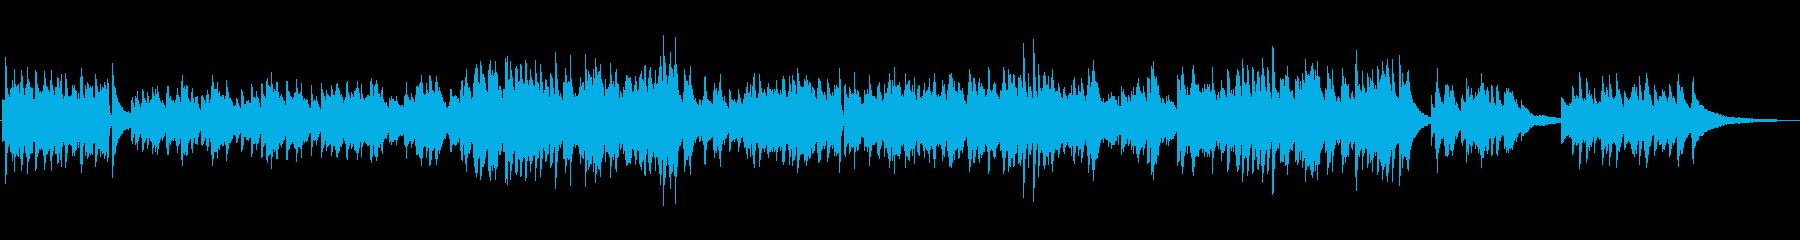 明るくおしゃれなソロピアノワルツの再生済みの波形